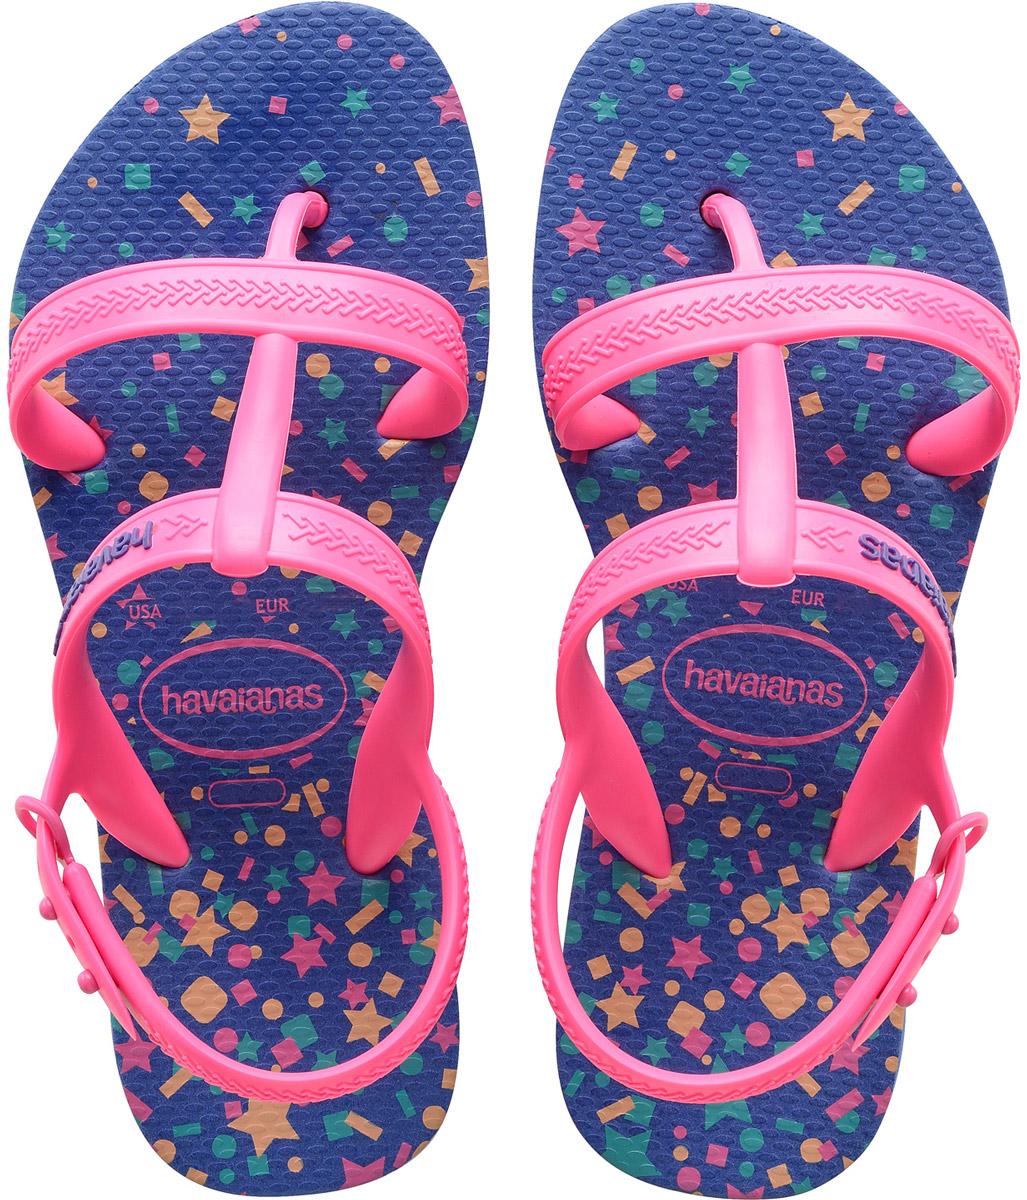 Сланцы для девочки Havaianas Kids Joy Spring, цвет: сиреневый, розовый. 41349901127. Размер 23/24 (24/25)41349901127Детские сланцы Kids Joy Spring от Havaianas прекрасно подойдут для похода в бассейн или на пляж. Верх модели, выполненный из резины, оформлен рельефным орнаментом и названием бренда. Регулируемые ремешки на пятках гарантируют надежную фиксацию модели на ноге. Подошва выполнена из материала ЭВА. Рифление на верхней поверхности подошвы предотвращает выскальзывание ноги. Рельефное основание подошвы обеспечивает уверенное сцепление с любой поверхностью.